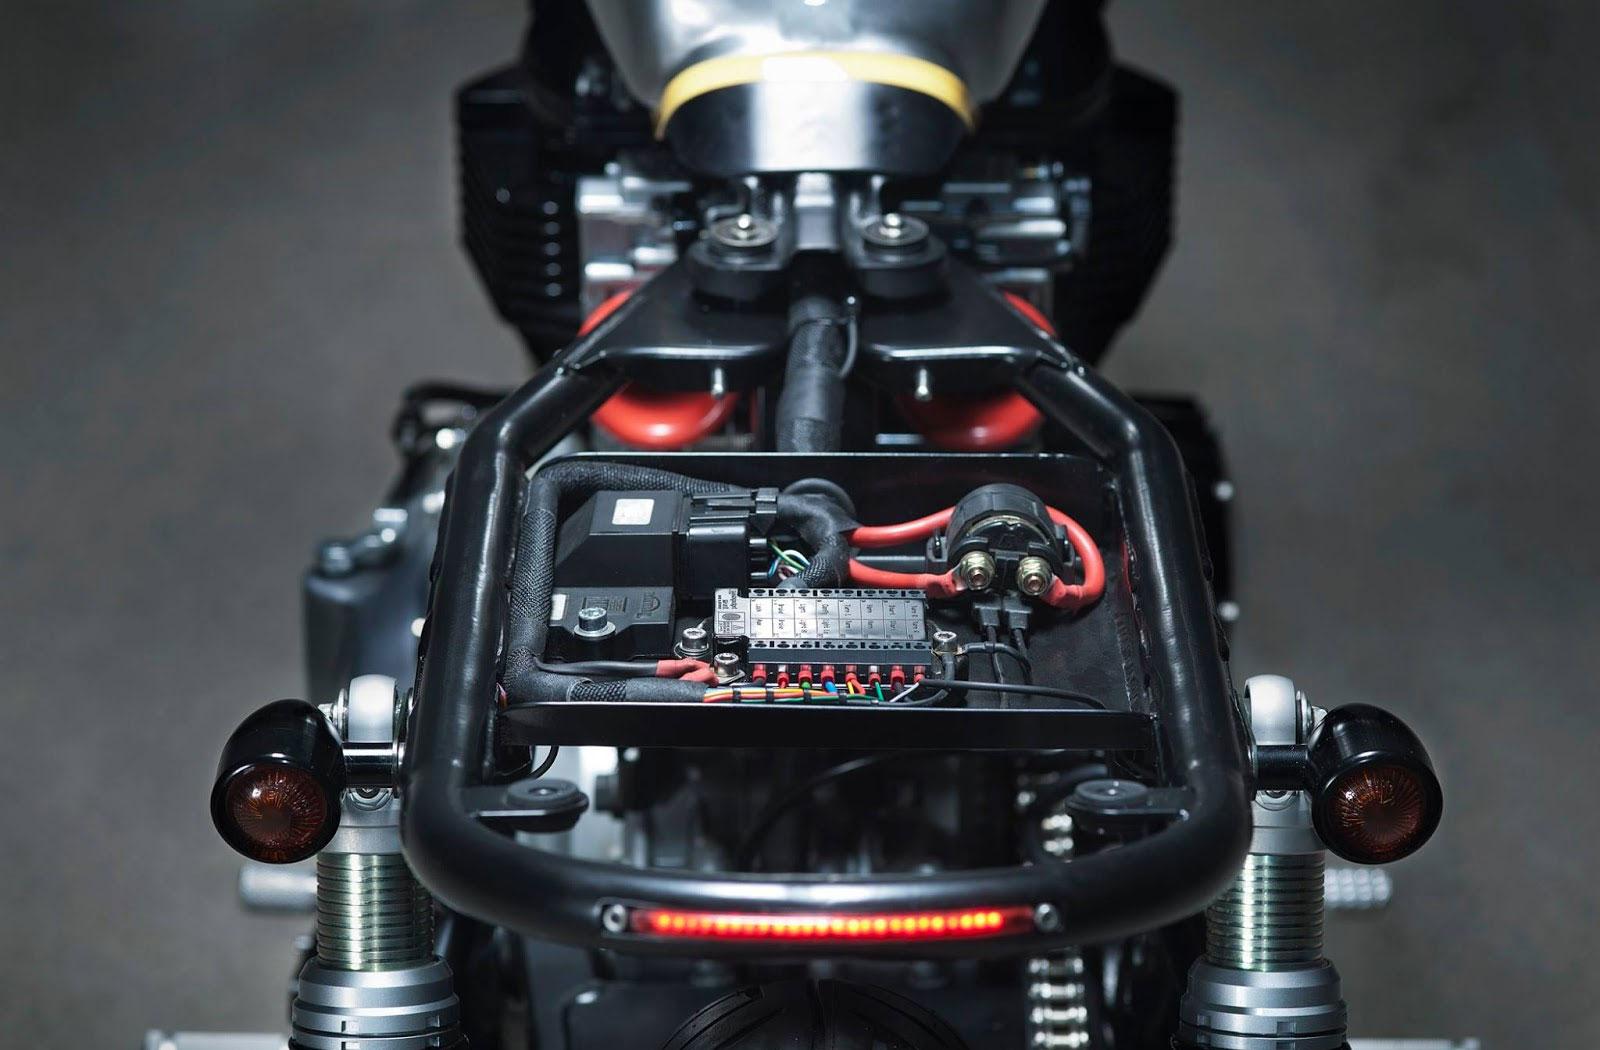 Kiddo Motors motorcycle wiring